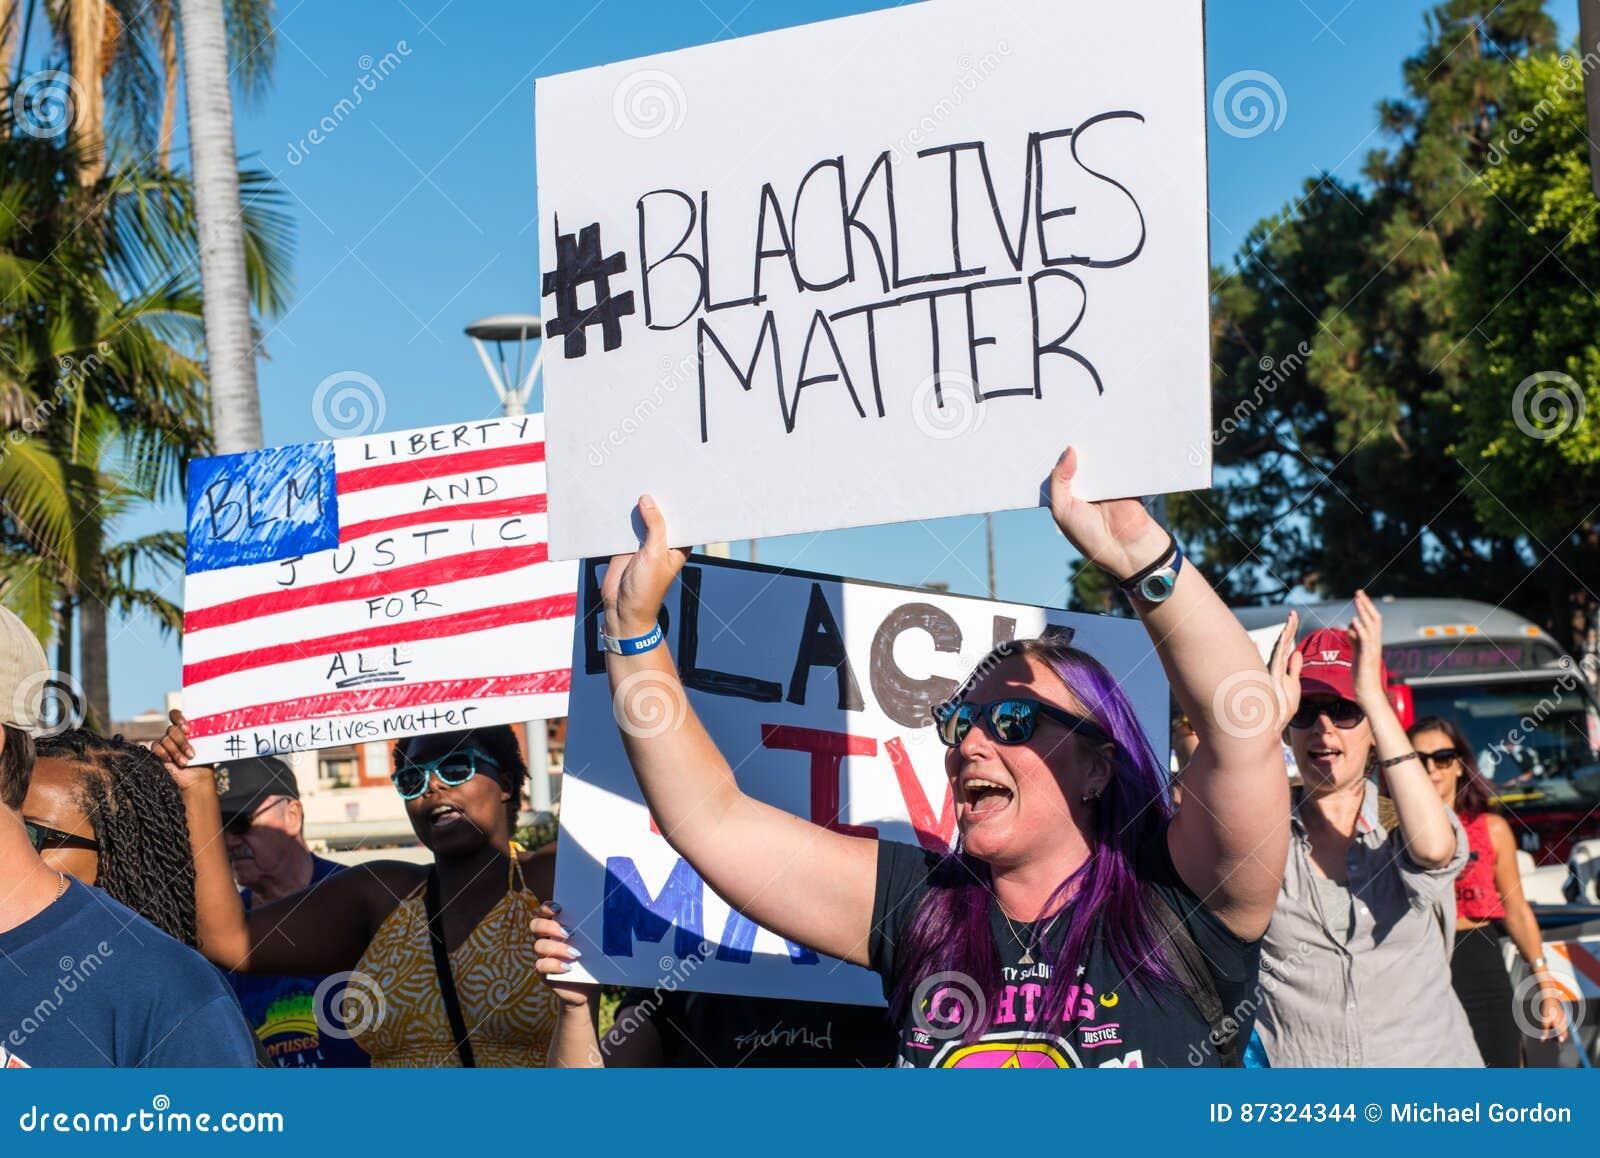 黑生活问题抗议